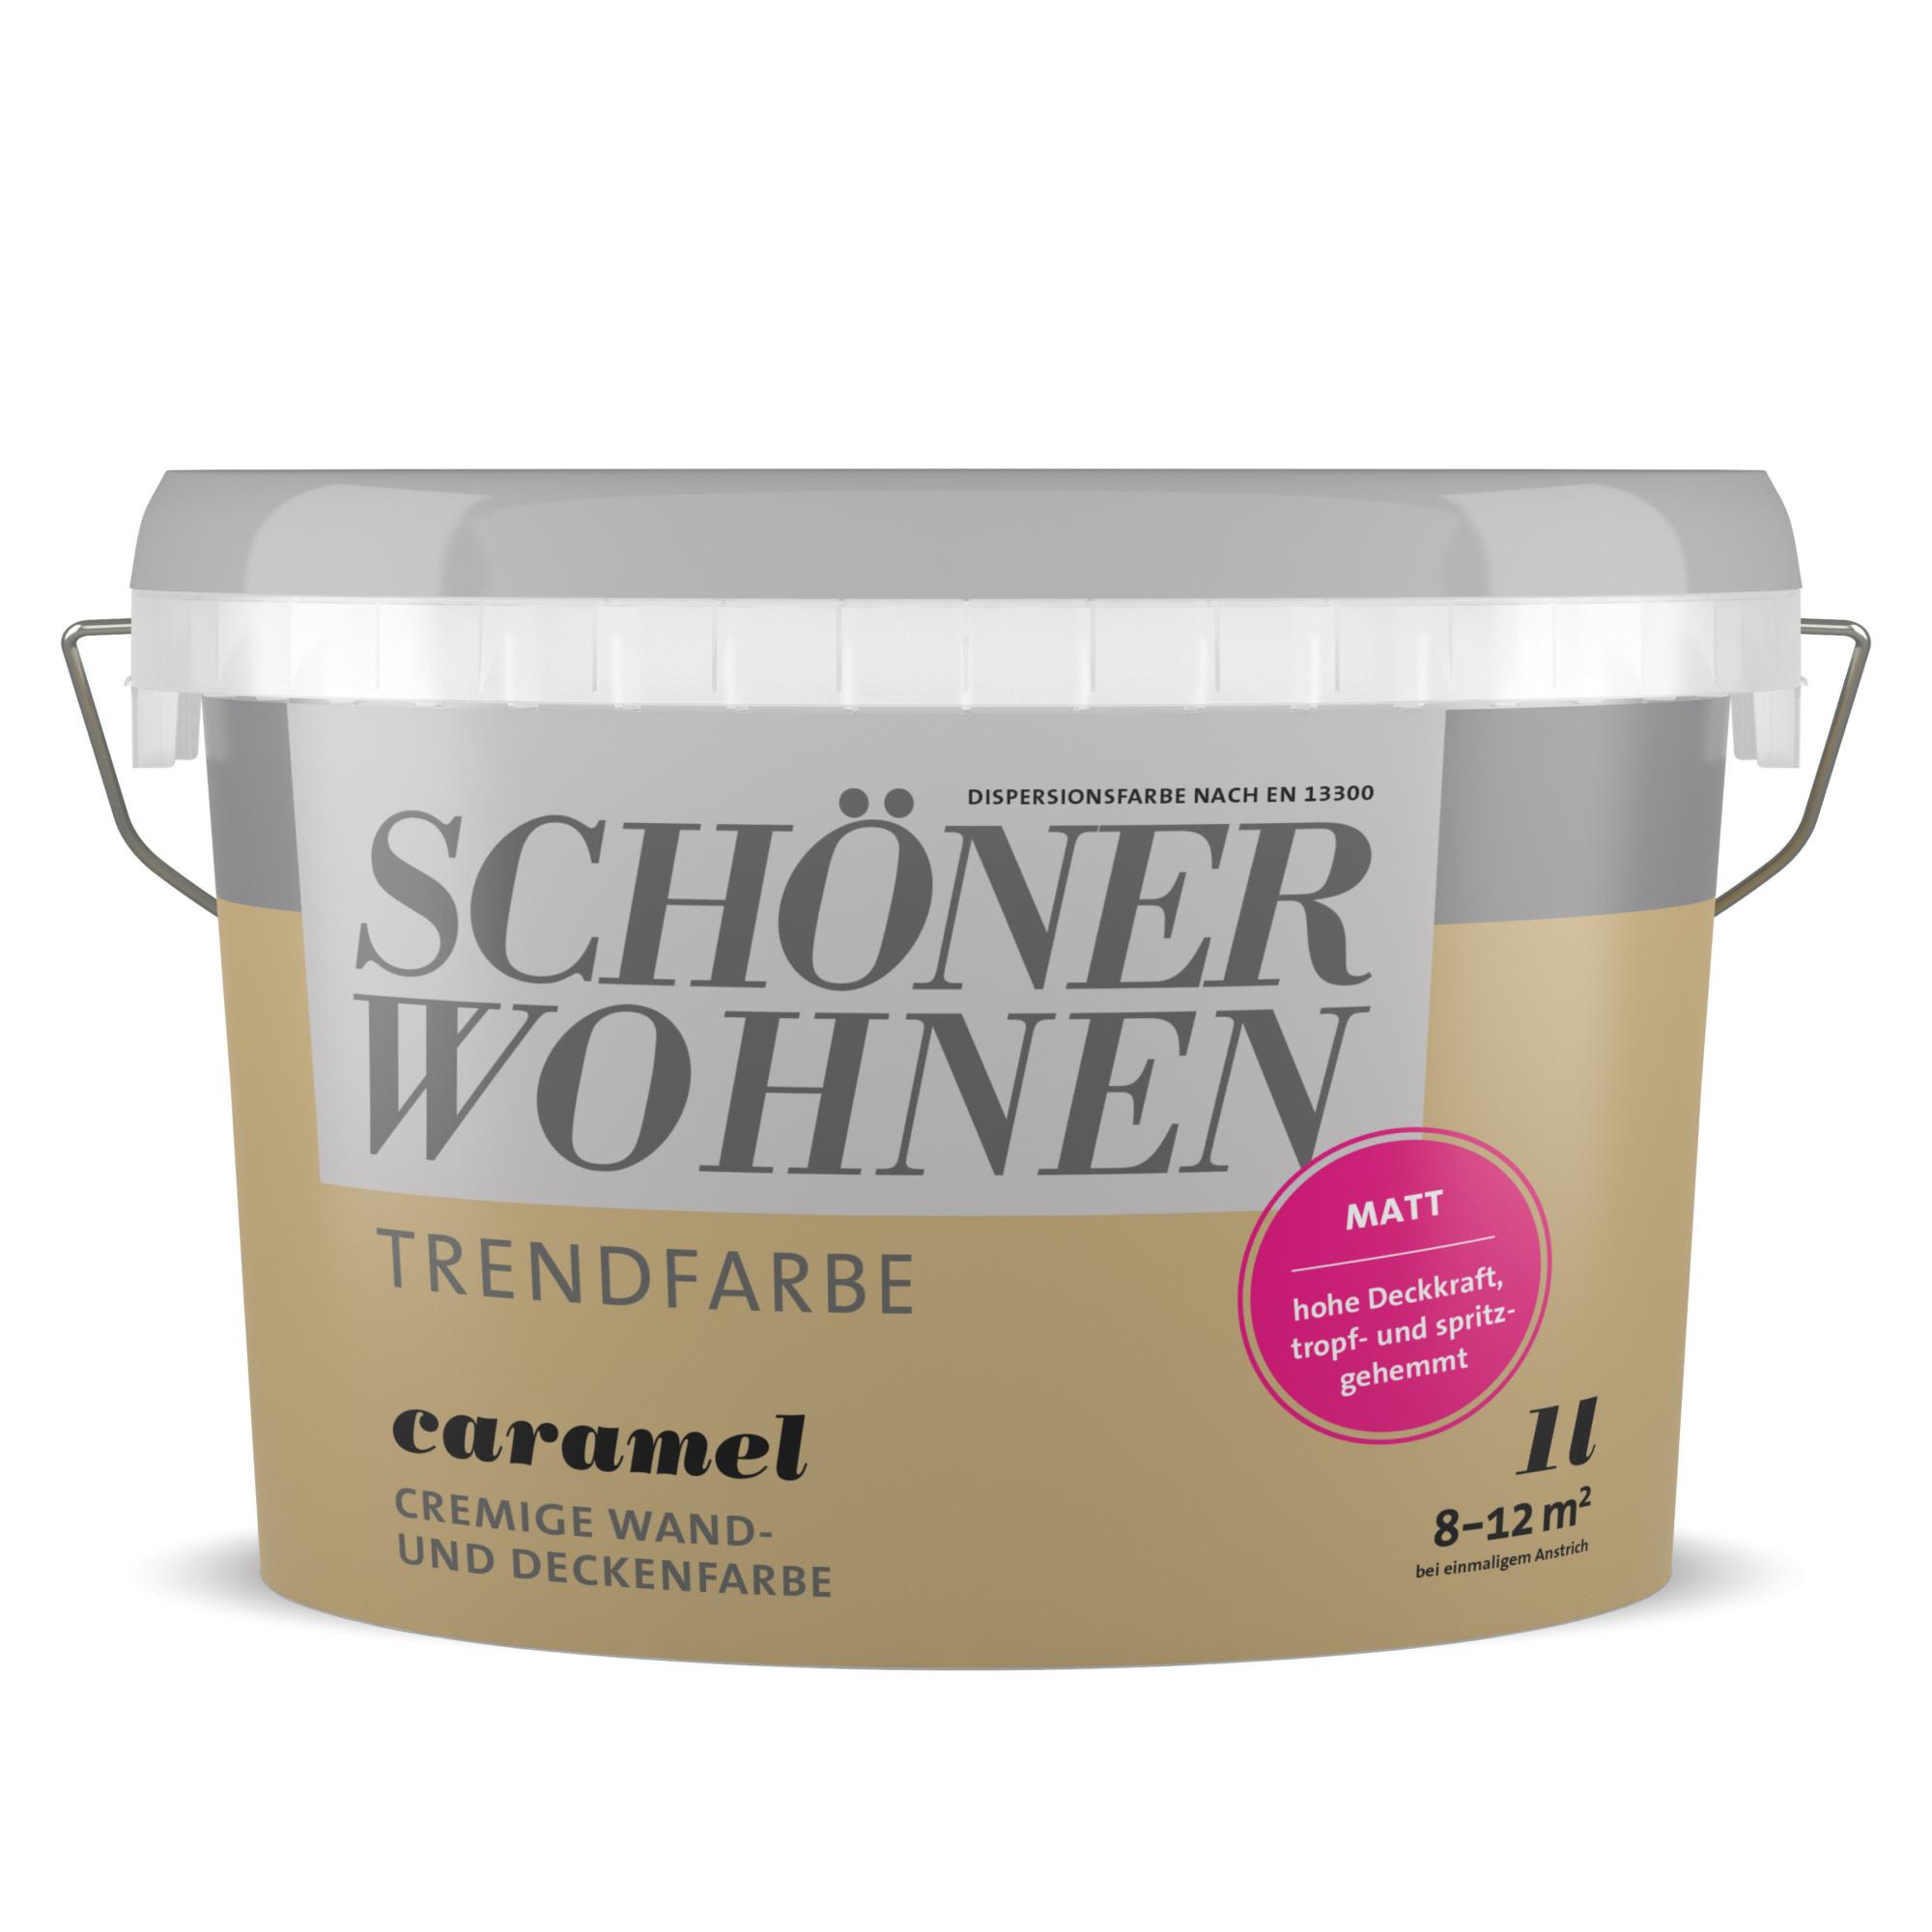 SchÖner Wohnen Farbe Wand Und Deckenfarbe Architects: Schöner Wohnen Wand- Und Deckenfarbe Trendfarbe 'Caramel